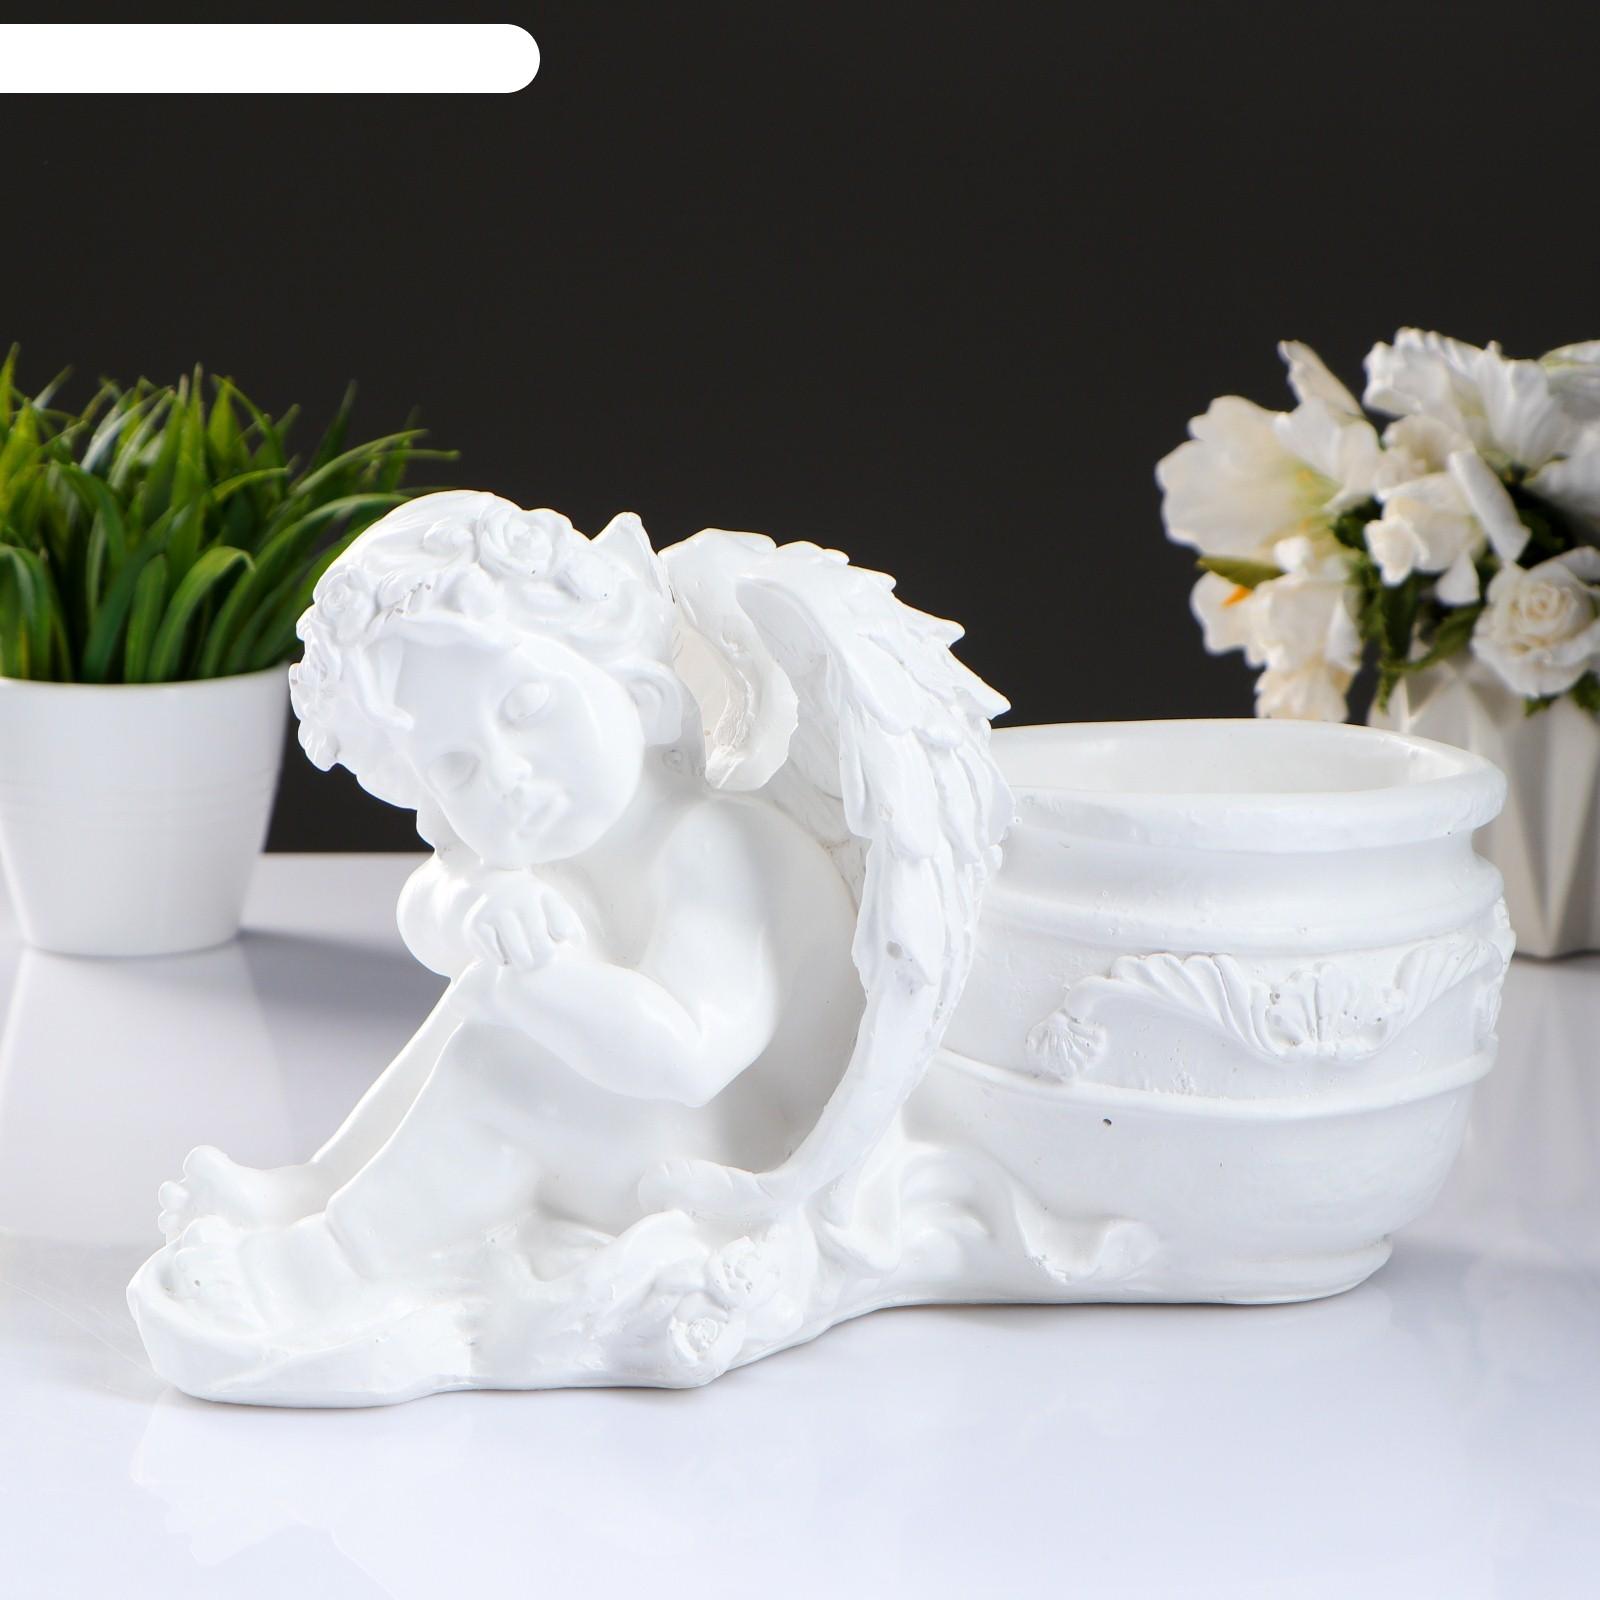 Кашпо спящий ангел белый (987018) купить в интернет ... Пила Ловушка Ангел